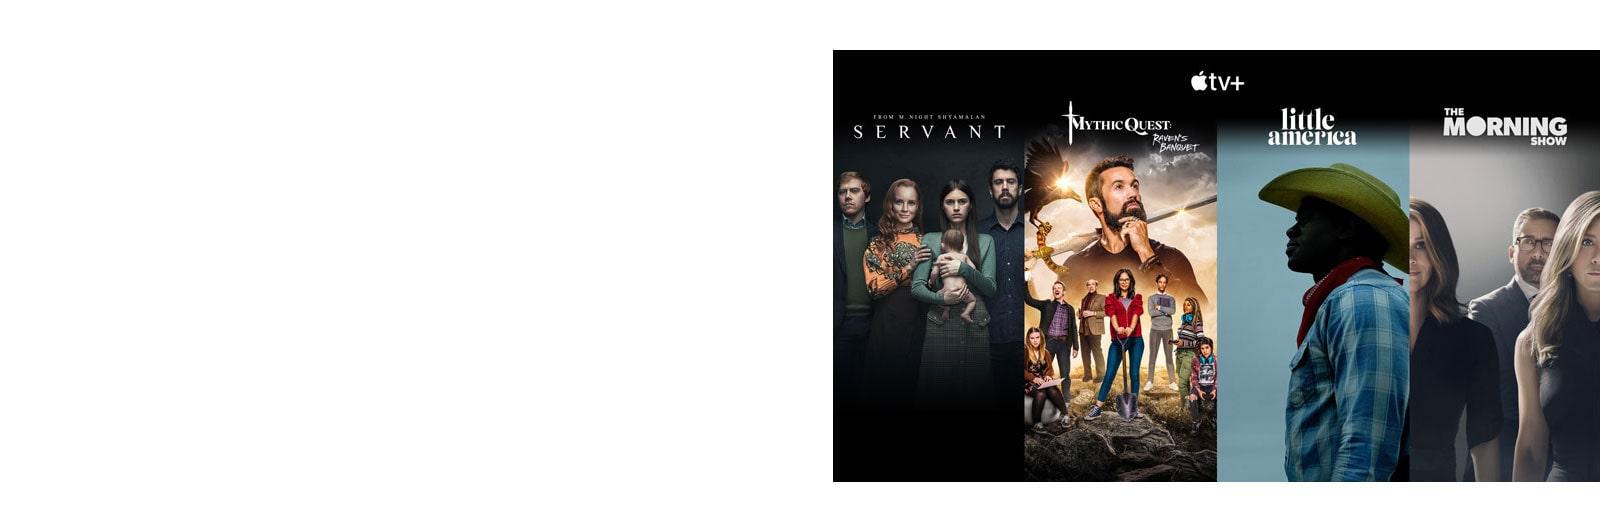 Thumbnails de Apple TV + 4 principais títulos